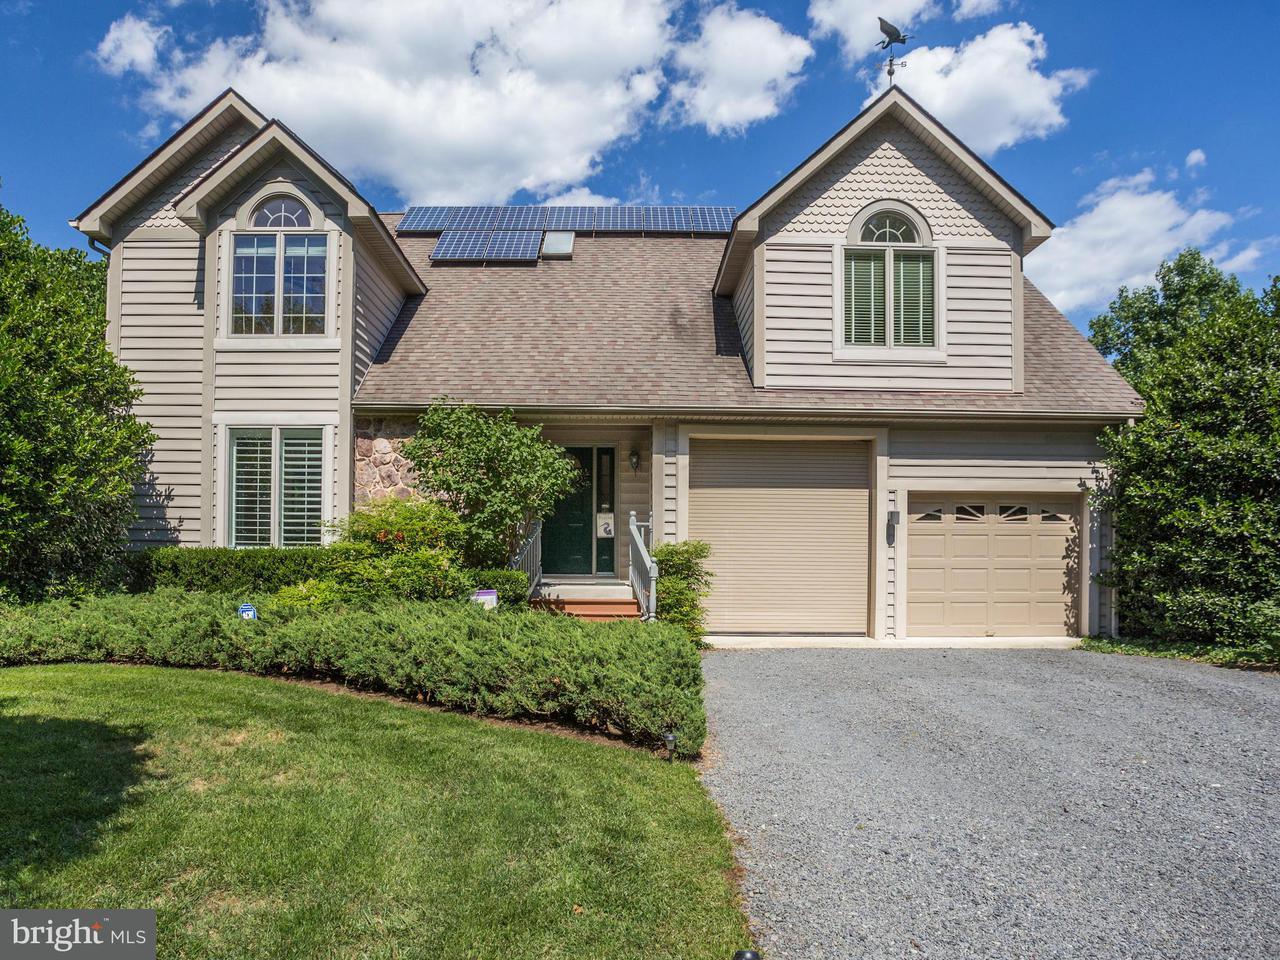 Частный односемейный дом для того Продажа на 11106 BEACON WAY 11106 BEACON WAY Lusby, Мэриленд 20657 Соединенные Штаты